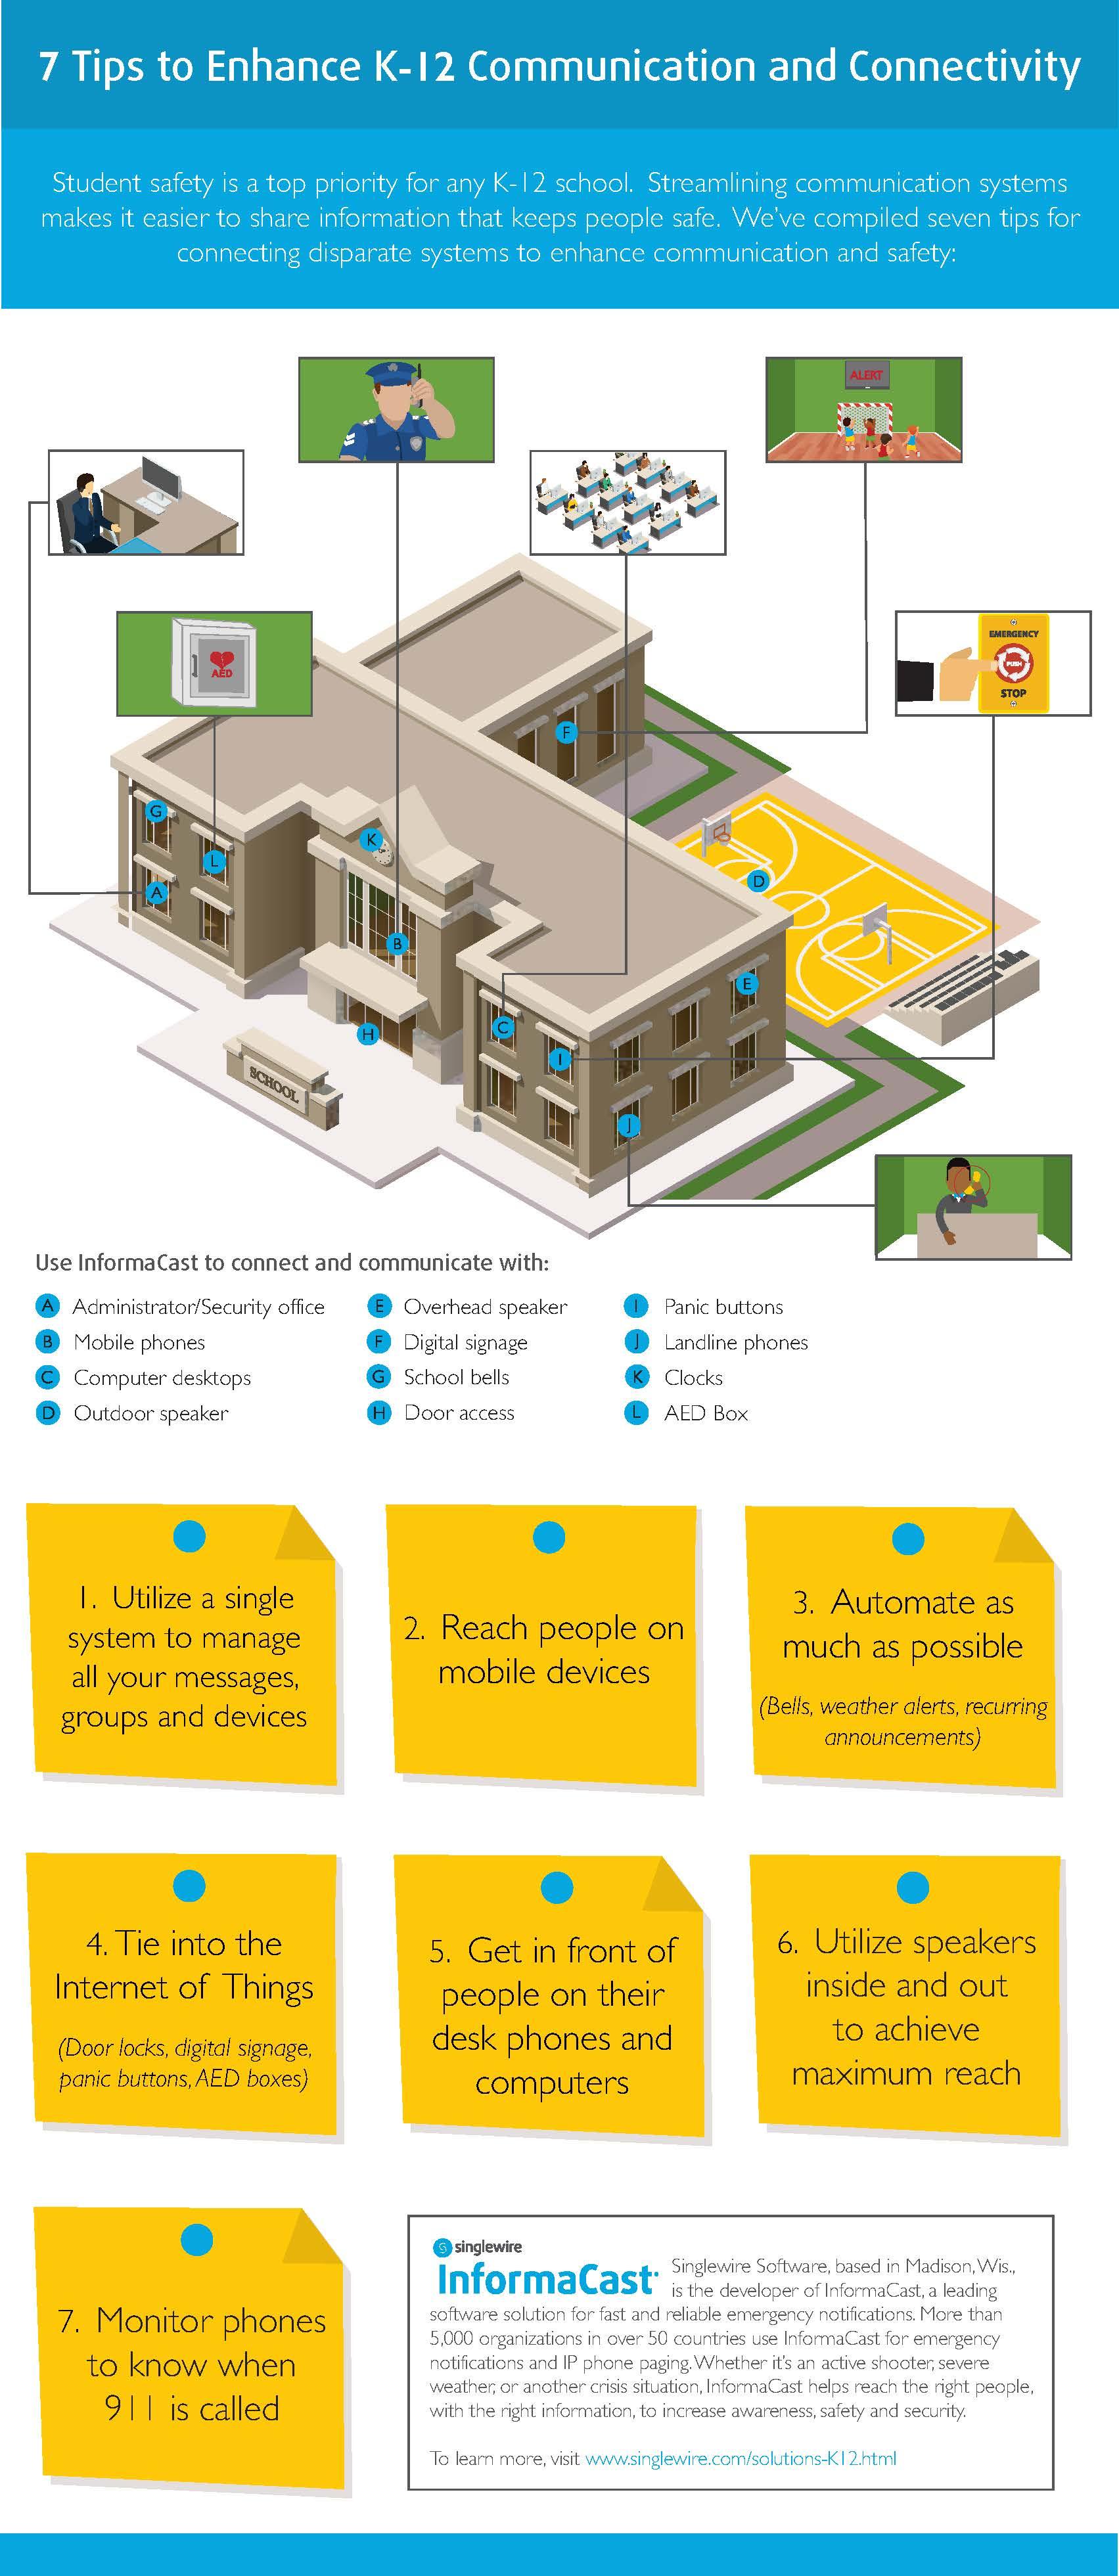 K12-communication-infographic.jpg